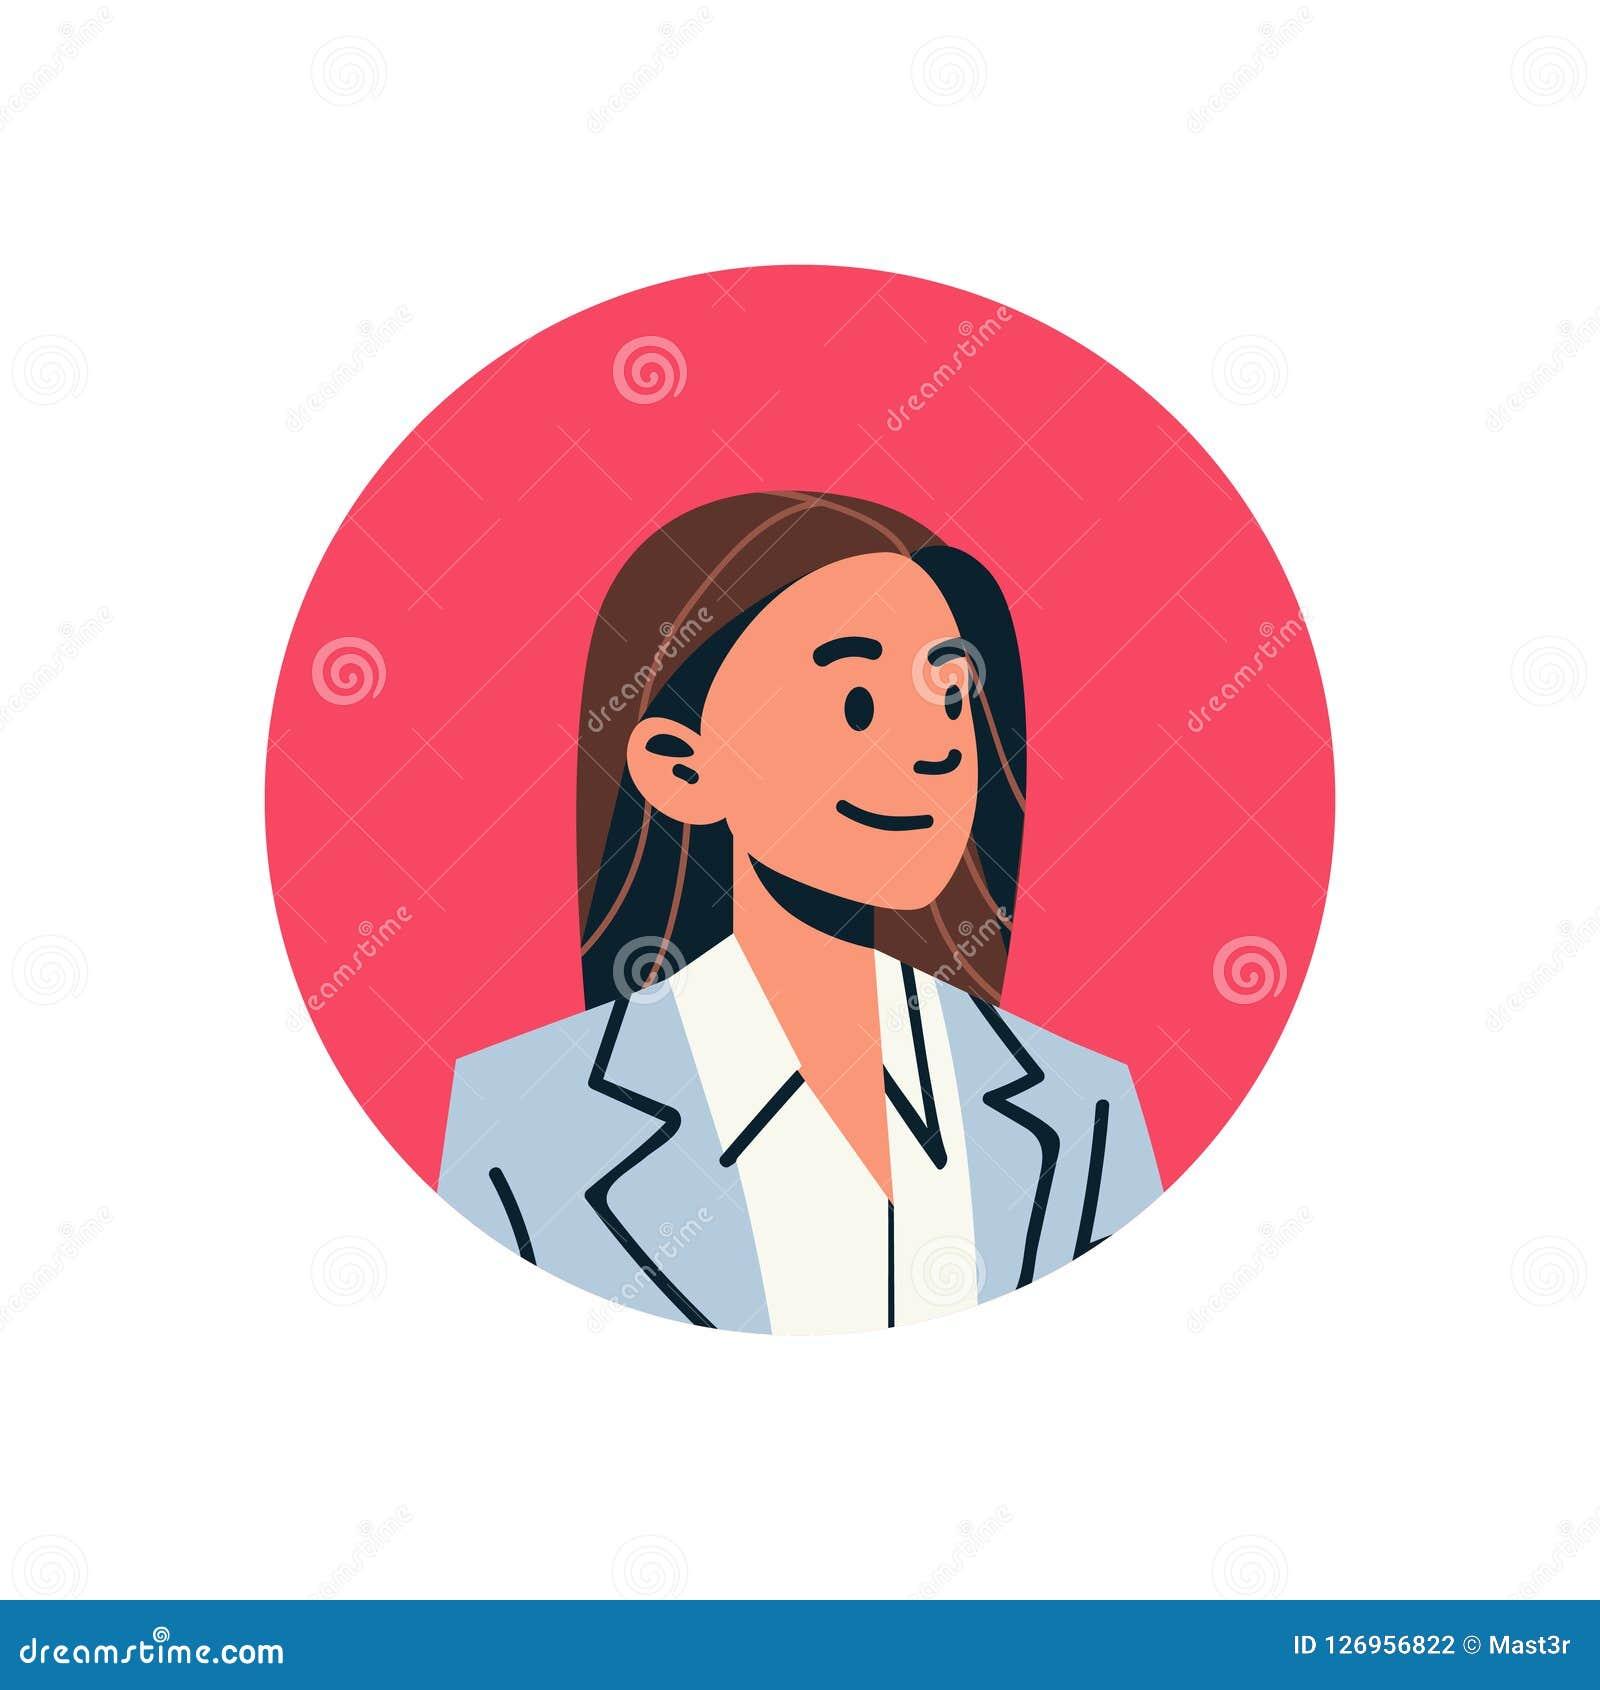 Stående för tecken för tecknad film för brun för håraffärskvinnaavatar för kvinna för framsida för profil för symbol supporttjäns